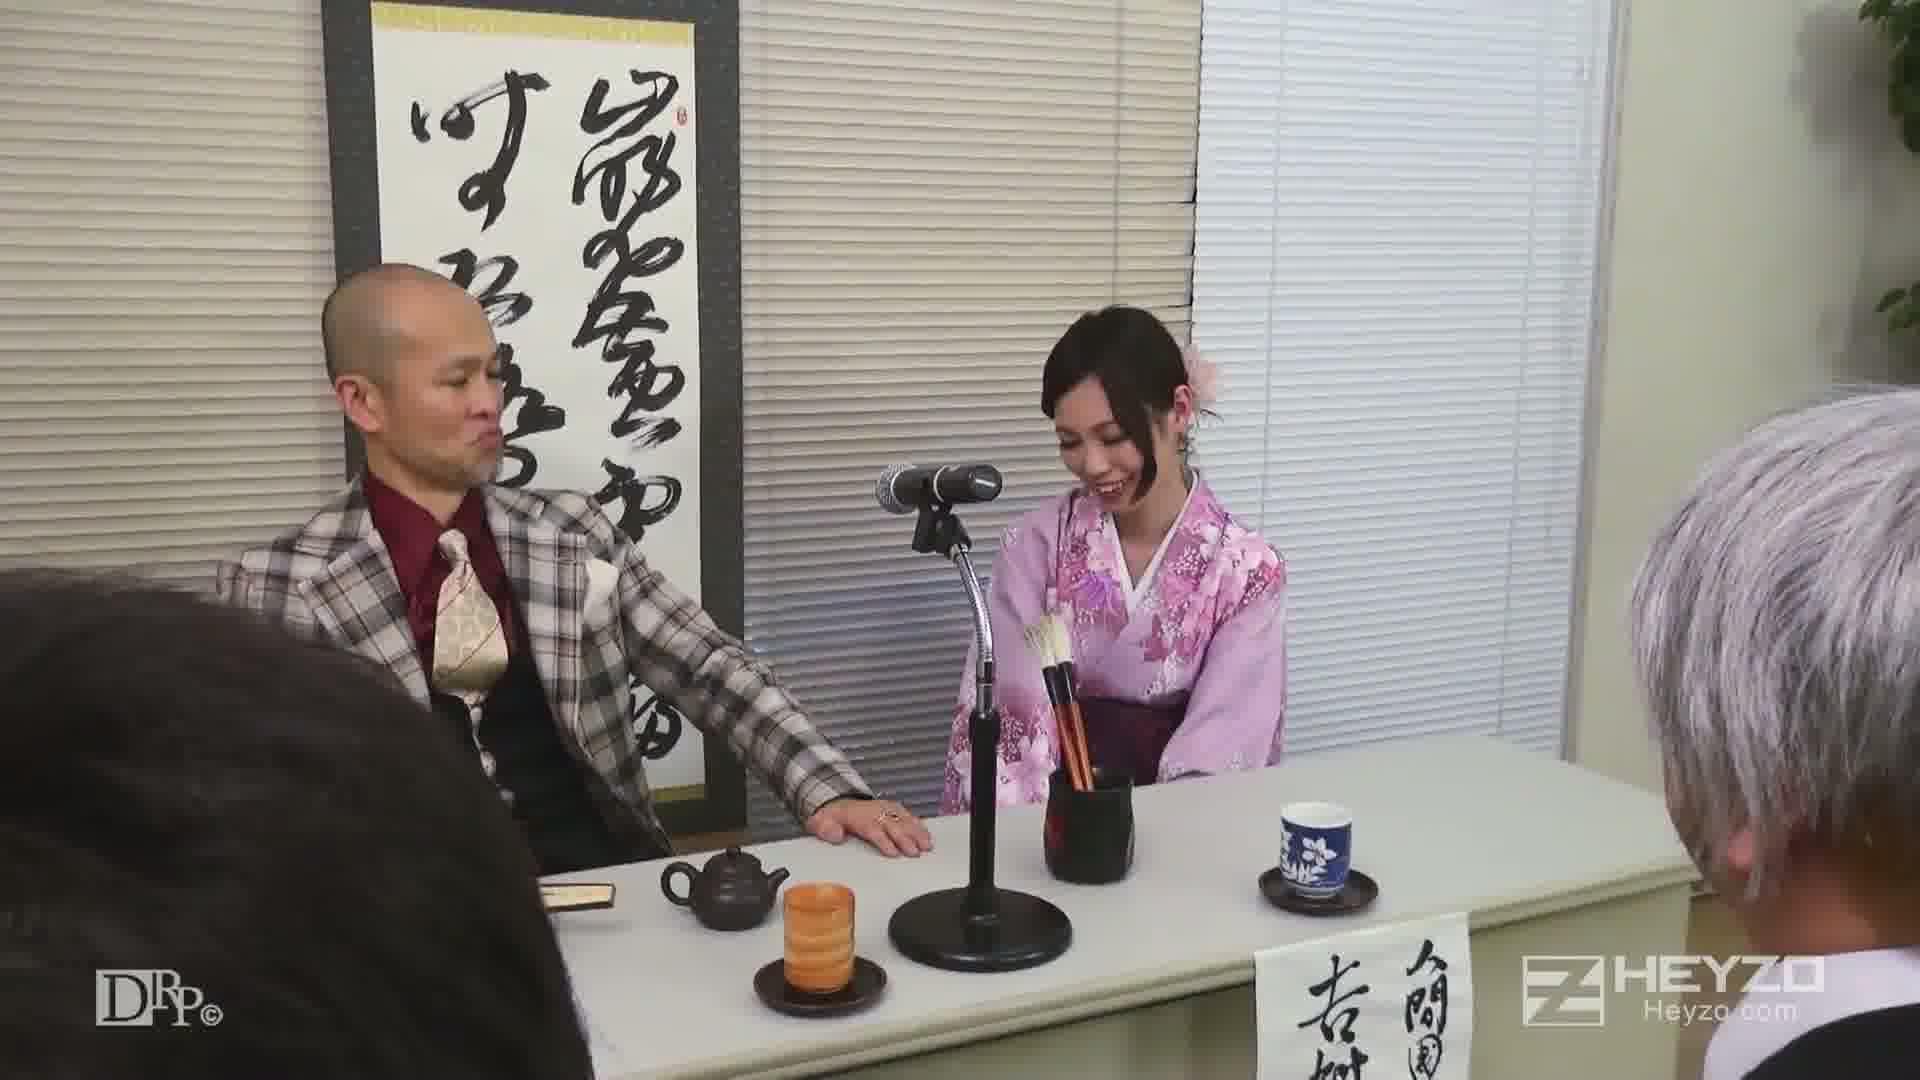 女流書道家の人間国宝級のフェラテクで射精大会 - 吉村美咲【インタビュー フェラ 着物 穿いてない ノーパン】